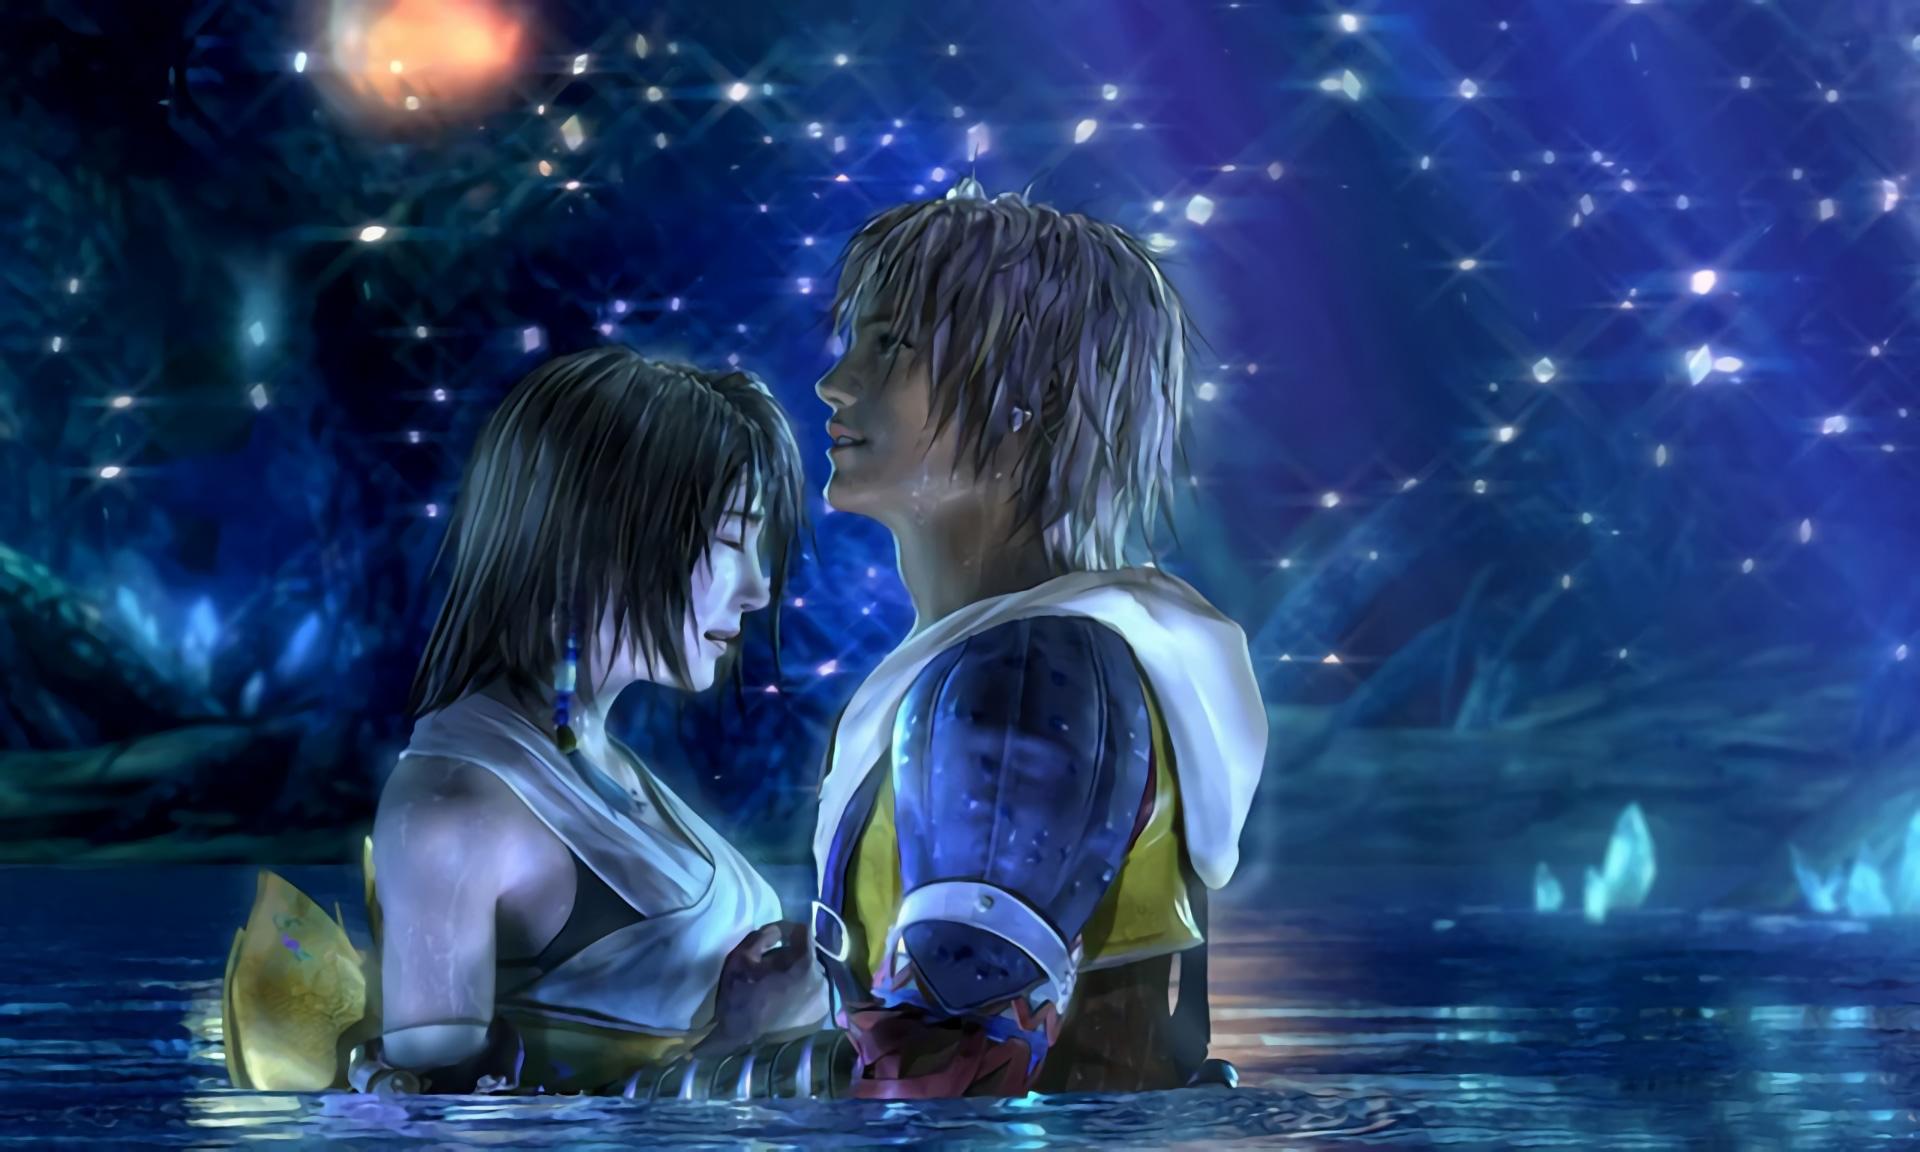 """8 """"ảo mộng"""" nổi tiếng của dòng game Final Fantasy"""